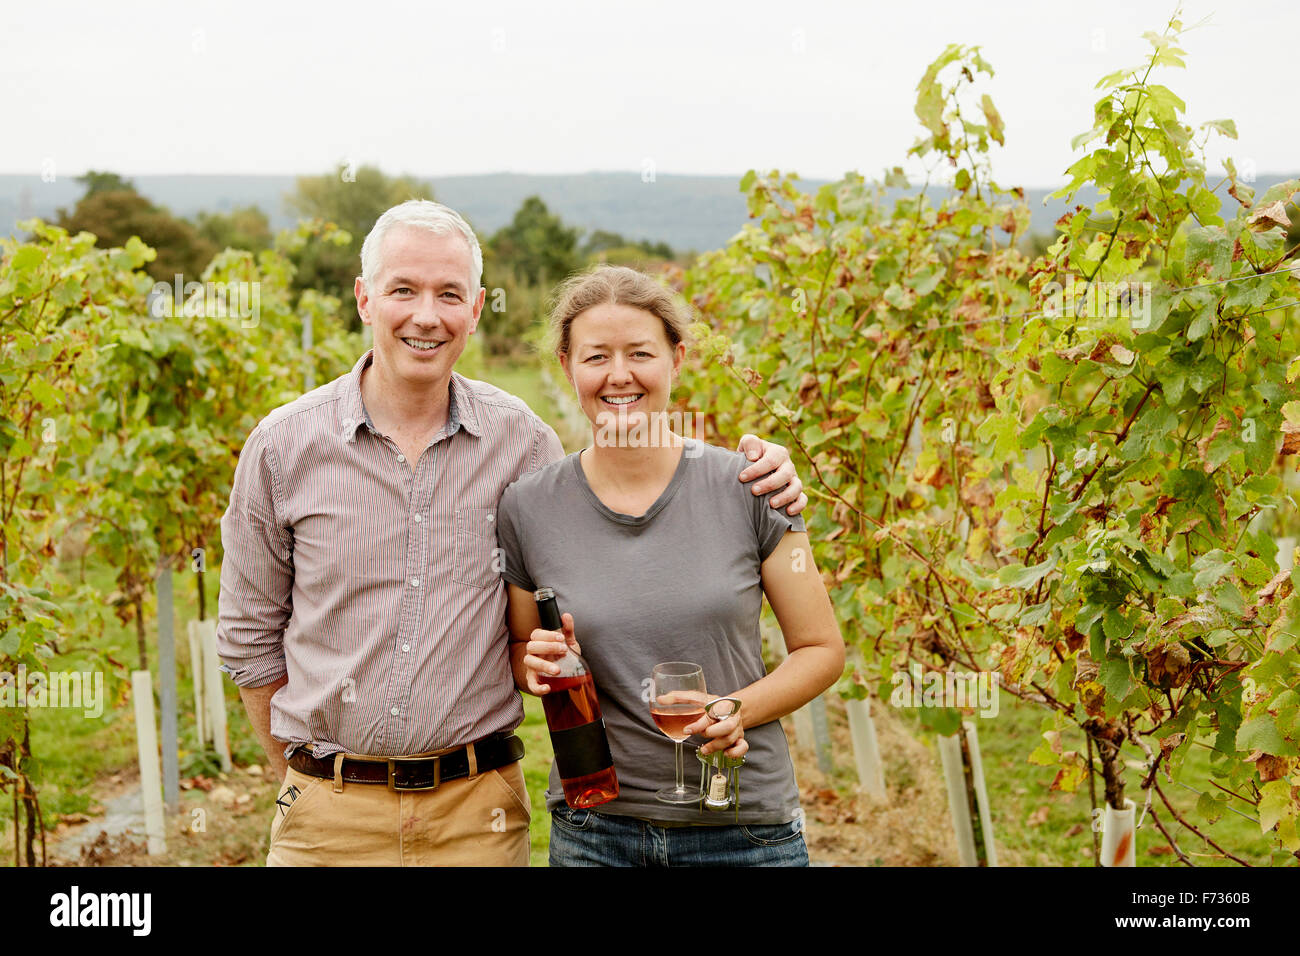 Una pareja, viñedo y su socio fundador de pie entre las hileras de vides. Imagen De Stock